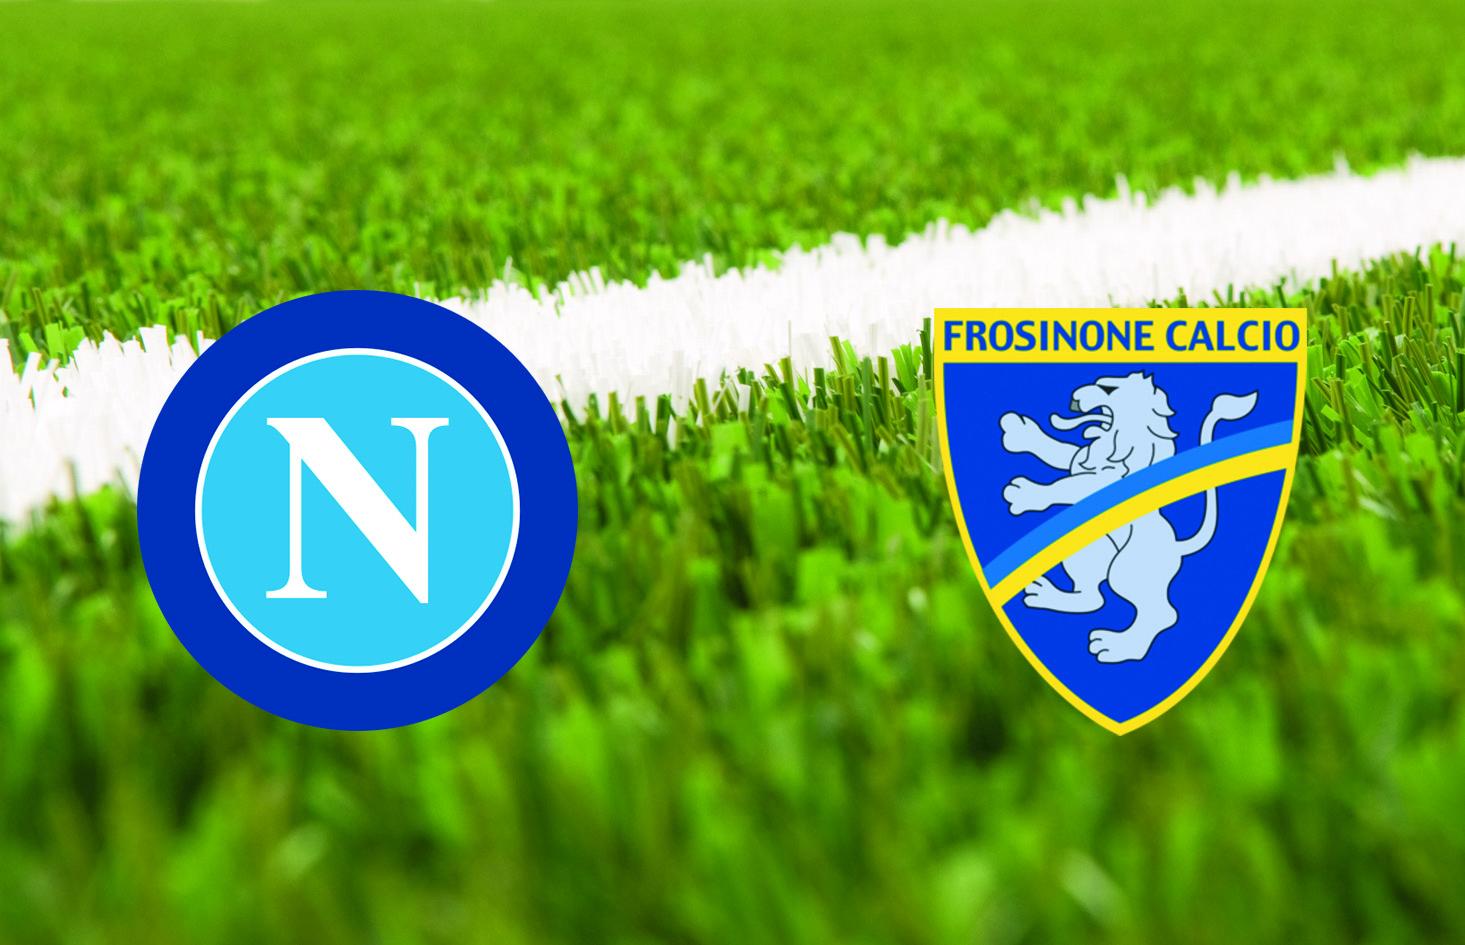 napoli-vs-frosinone-–-tip-bong-da-8-12-2018 1